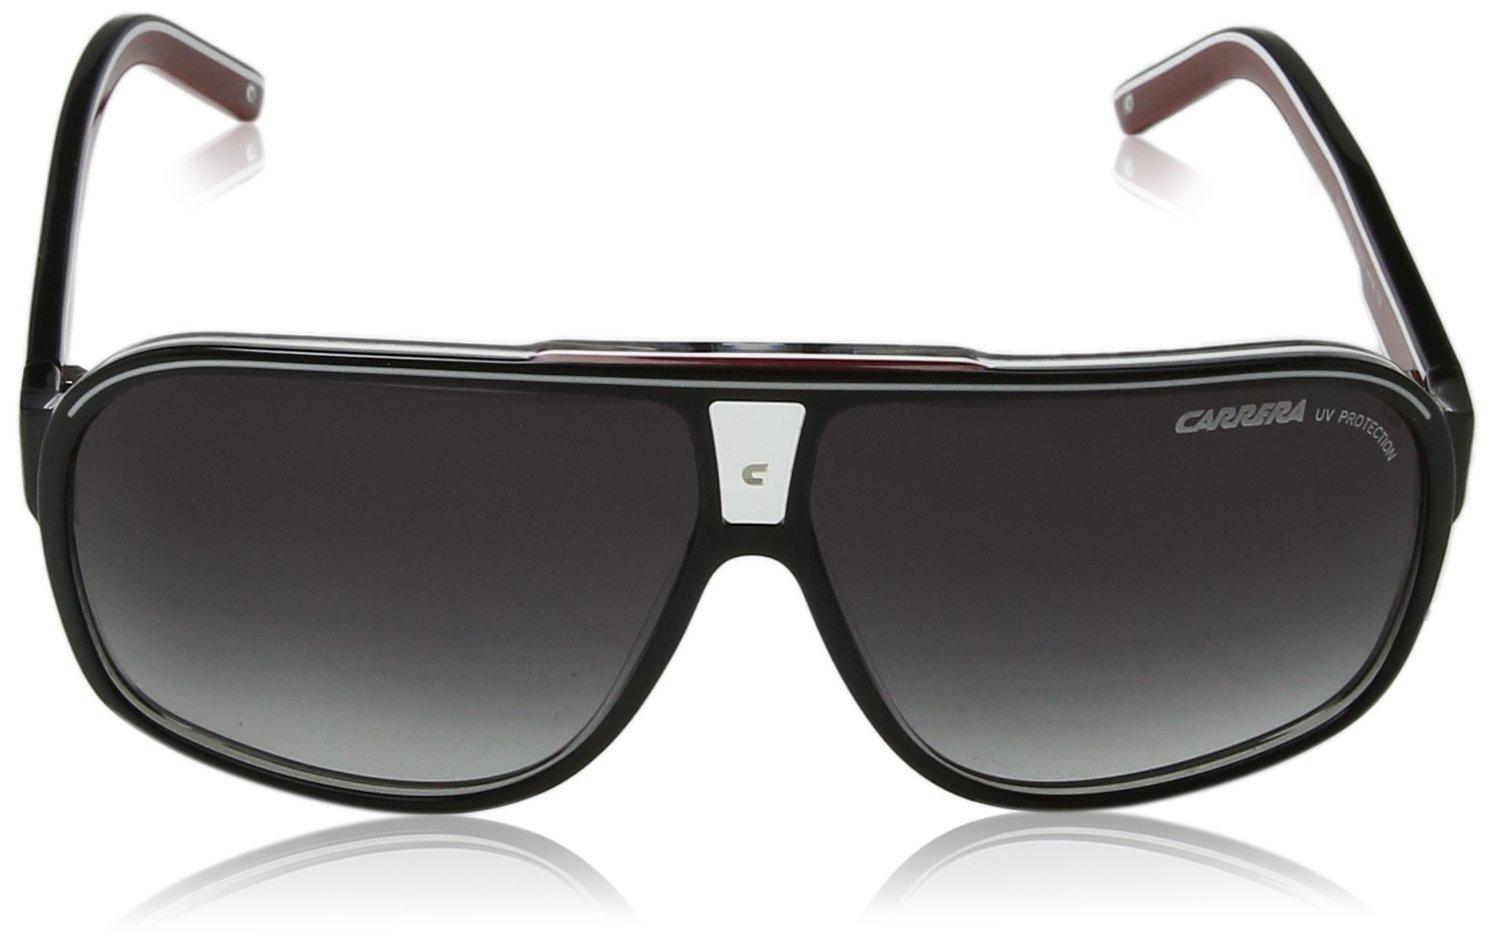 ecdd60c4da Carrera - Gafas de sol Rectangulares GRAND PRIX 2 - Hombre Moderno